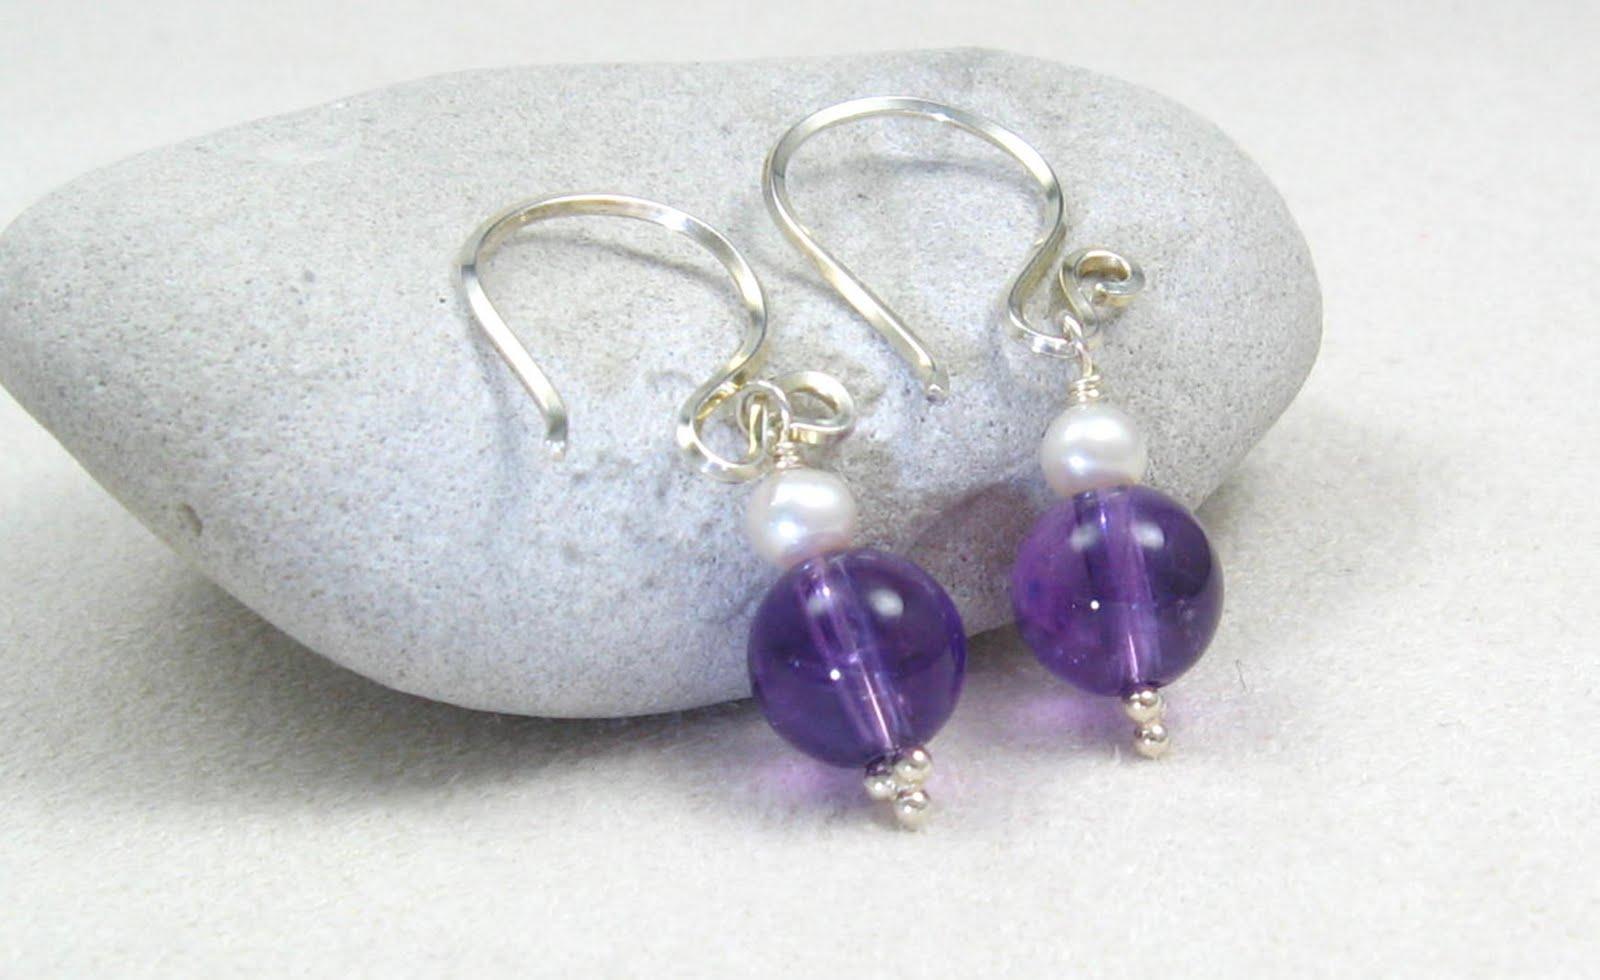 Handmade sterling silver amethyst amp freshwater pearl earrings